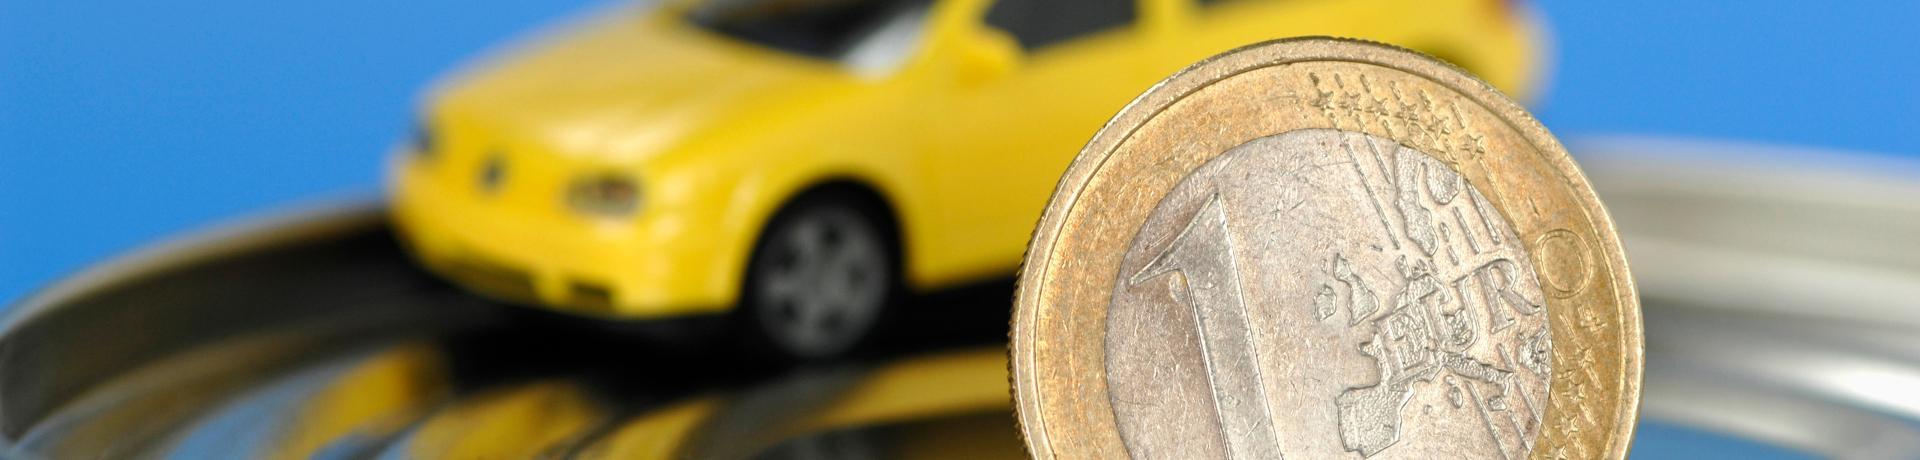 Mietwagen-Ratgeber: Tipps - Auto - Münze